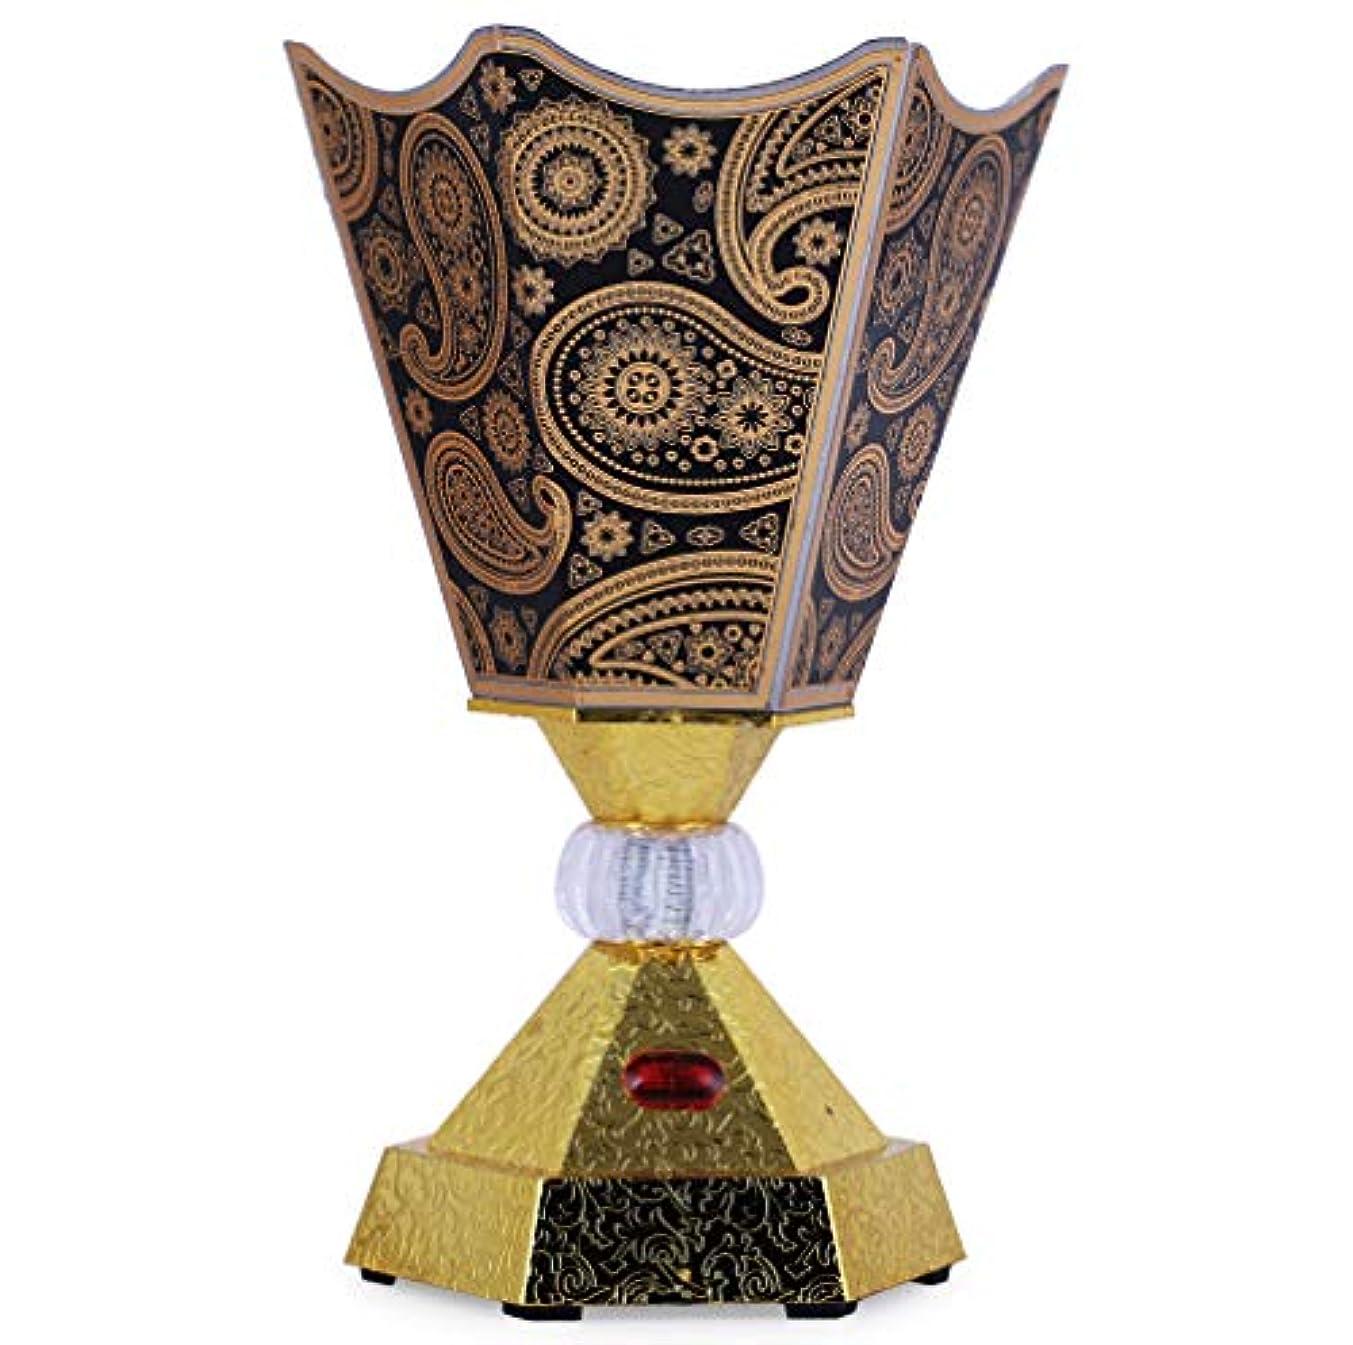 ファンネルウェブスパイダー定義低下Vintage Style Incense Bakhoor/Oud Burner Frankincense Incense Holder Electric, Best for Gifting IB-31-Black